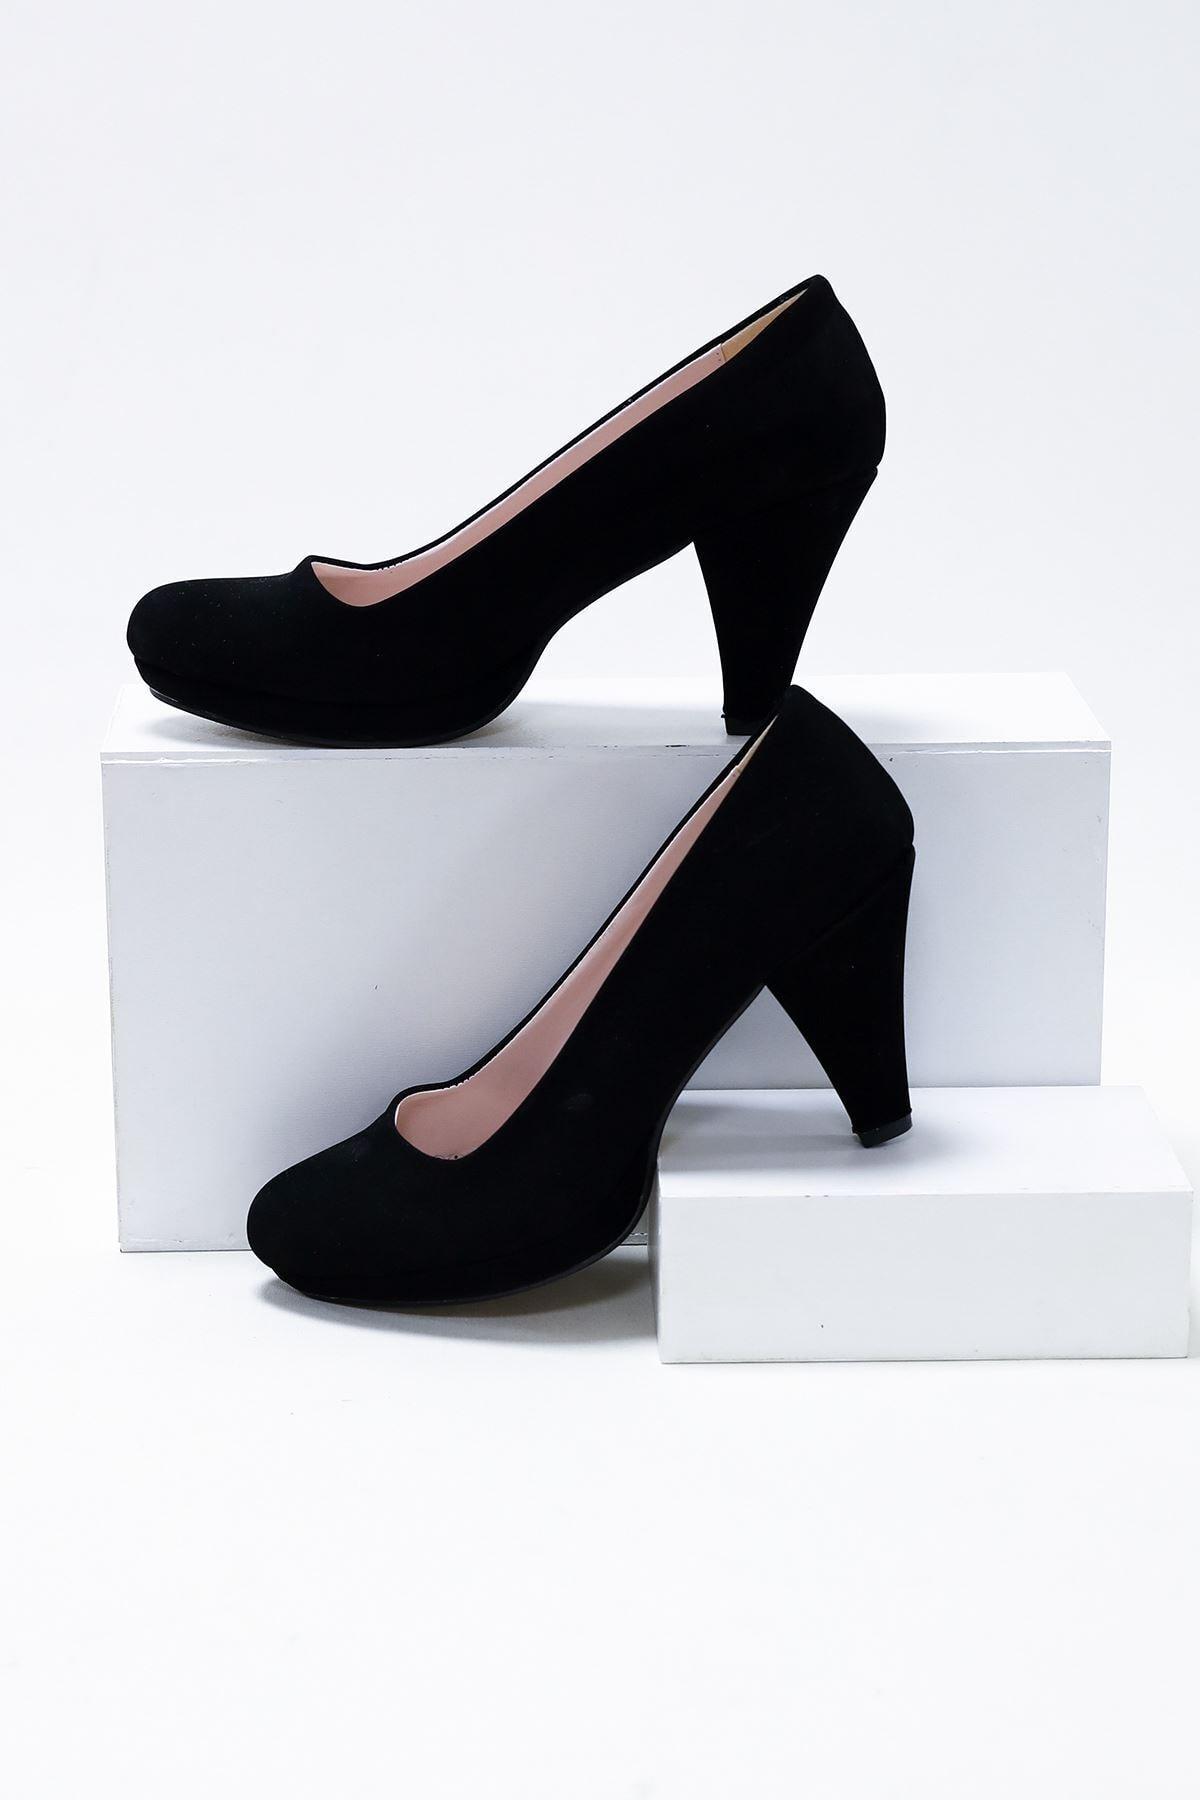 epaavm Kadın Siyah Süet 10'luk Dekolte Platform Ayakkabı